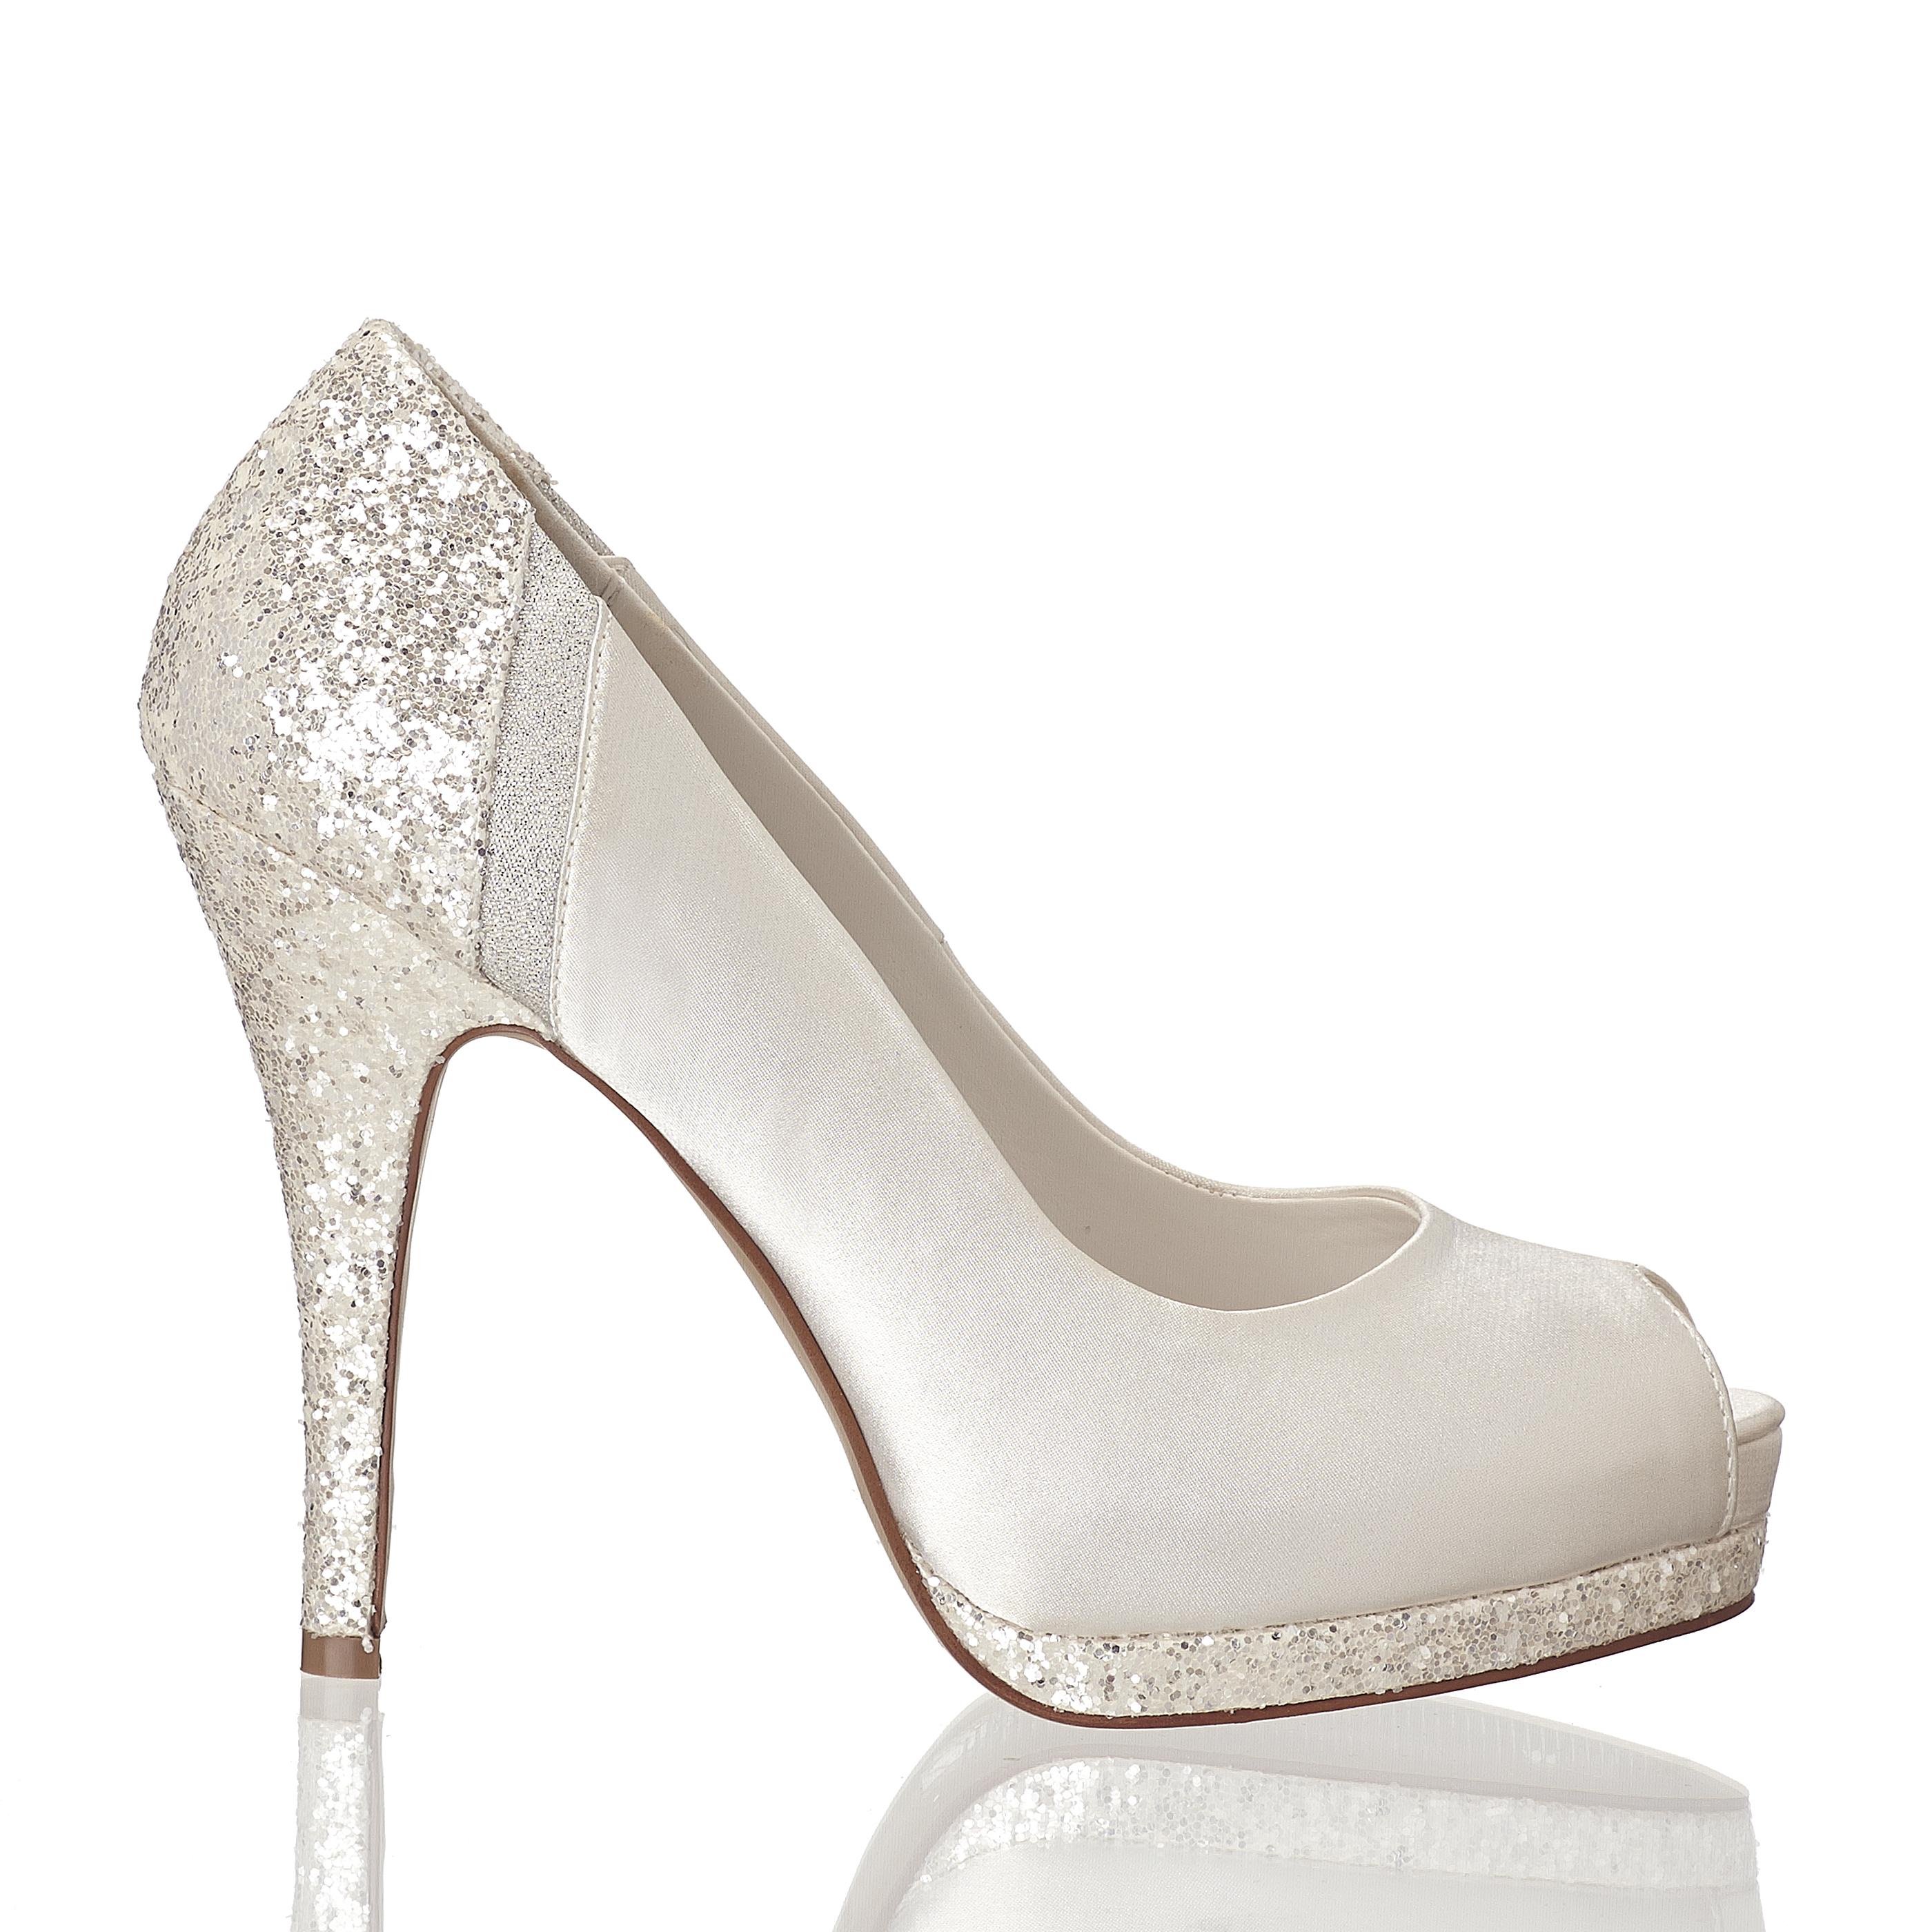 9a401965efc84e Bridal Shoes – Matching Bridal Shoes . Menbur Shop . OFFICIAL SITE   SHOP  ONLINE